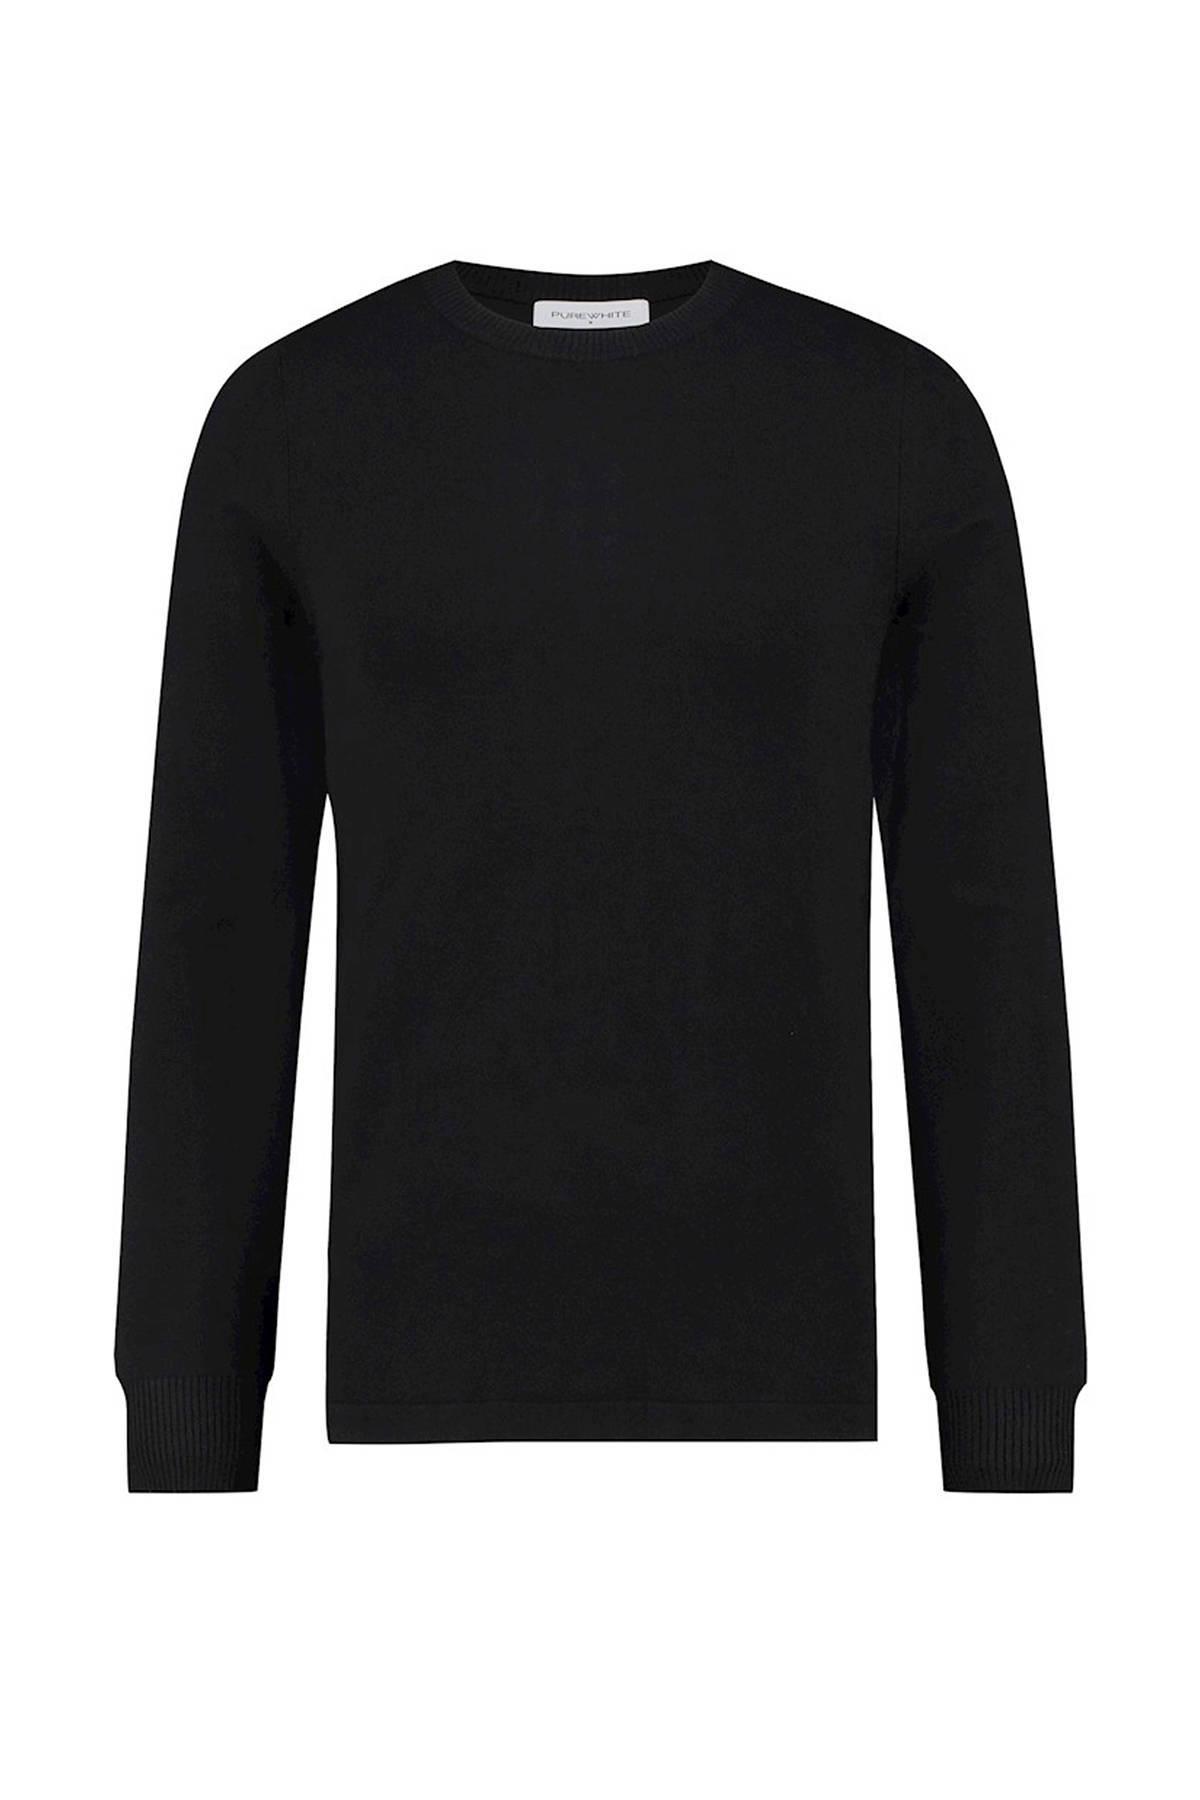 Purewhite fijngebreide trui zwart online kopen